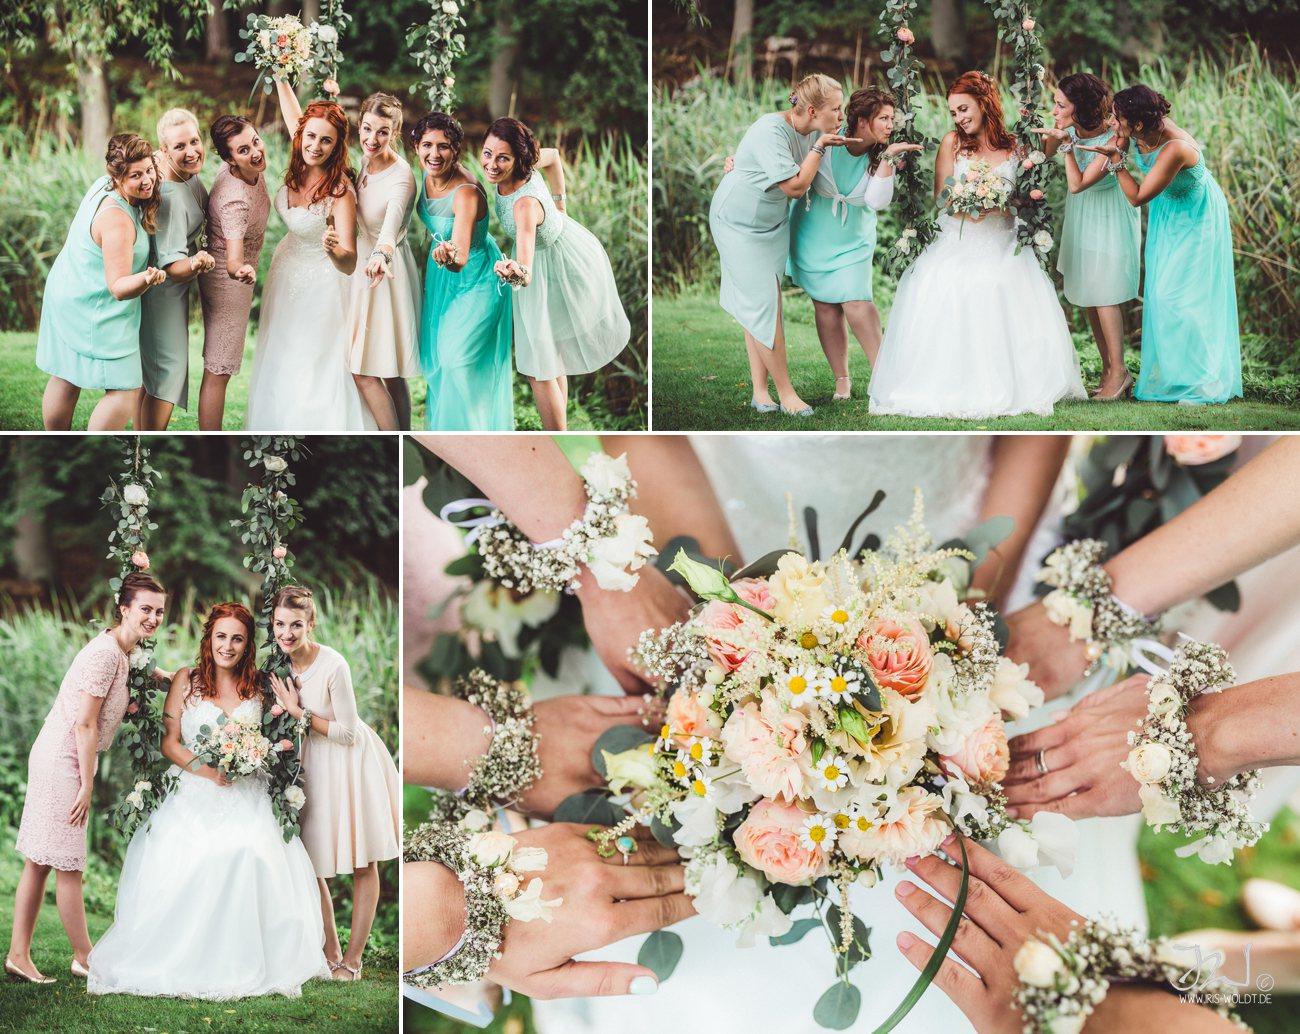 Hochzeitsfotograf_Altthymen_MuehleTornow_IrisWoldt 93